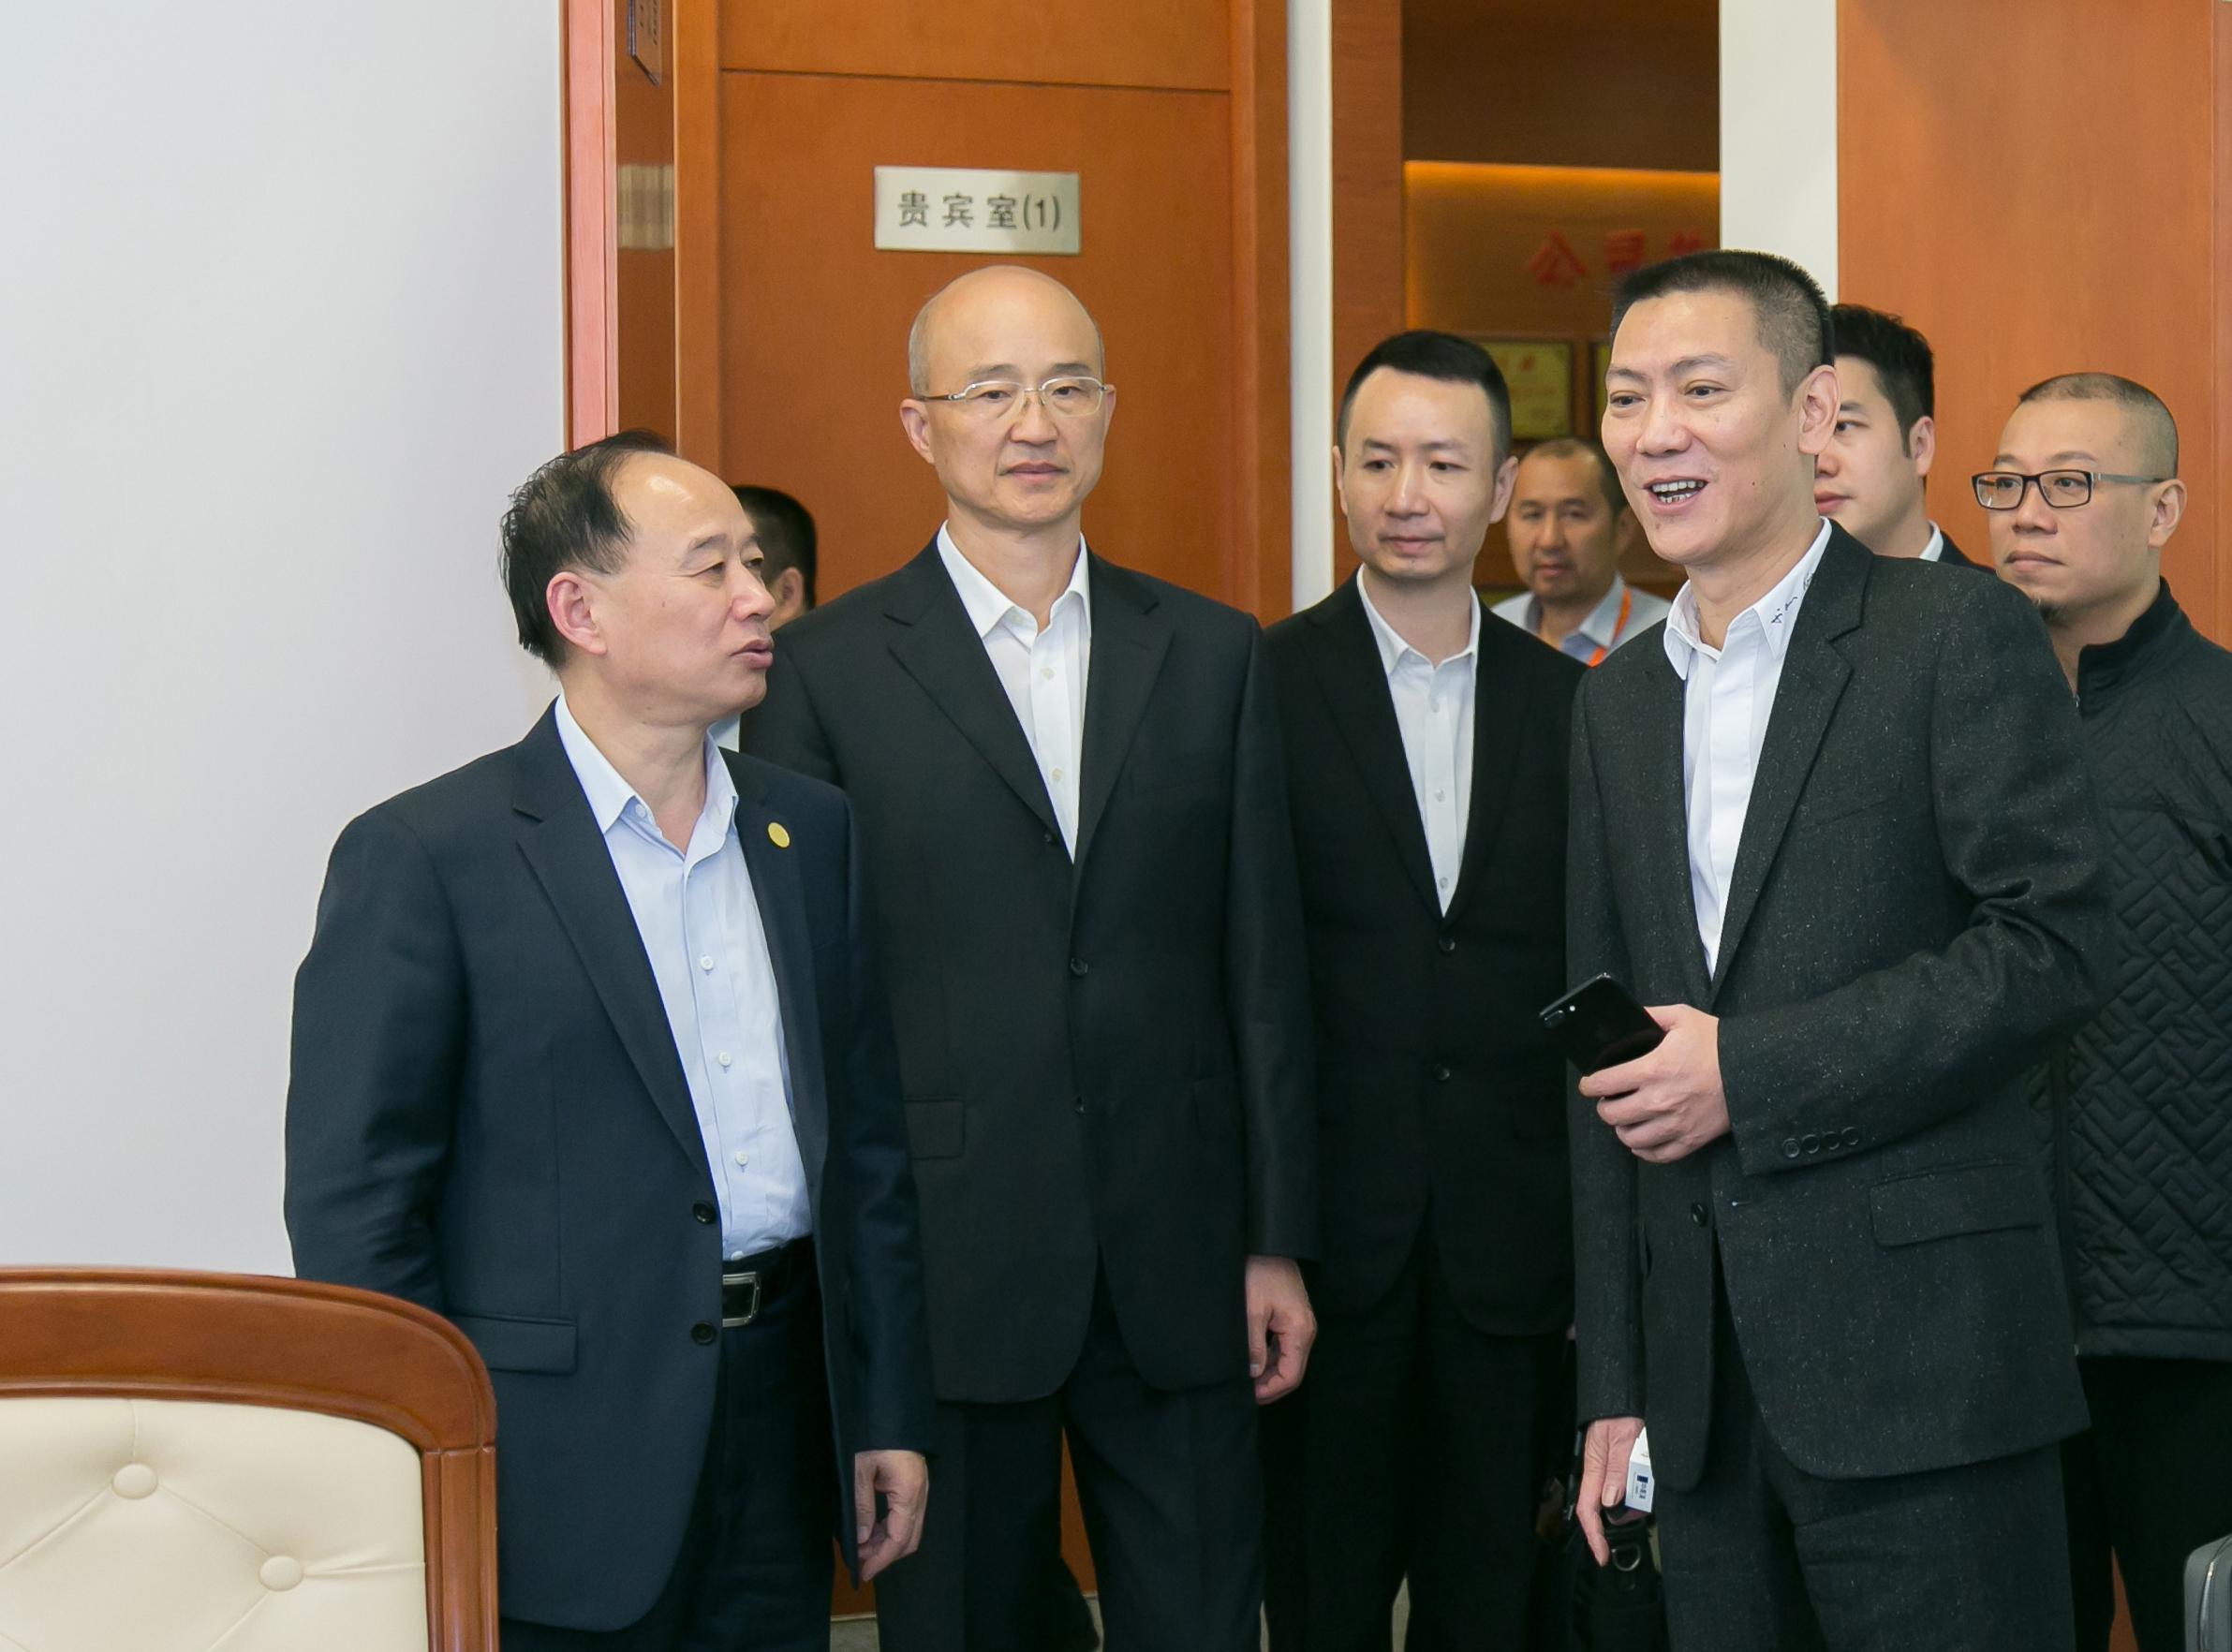 上海九城集团董事长李文壅一行莅临国烨